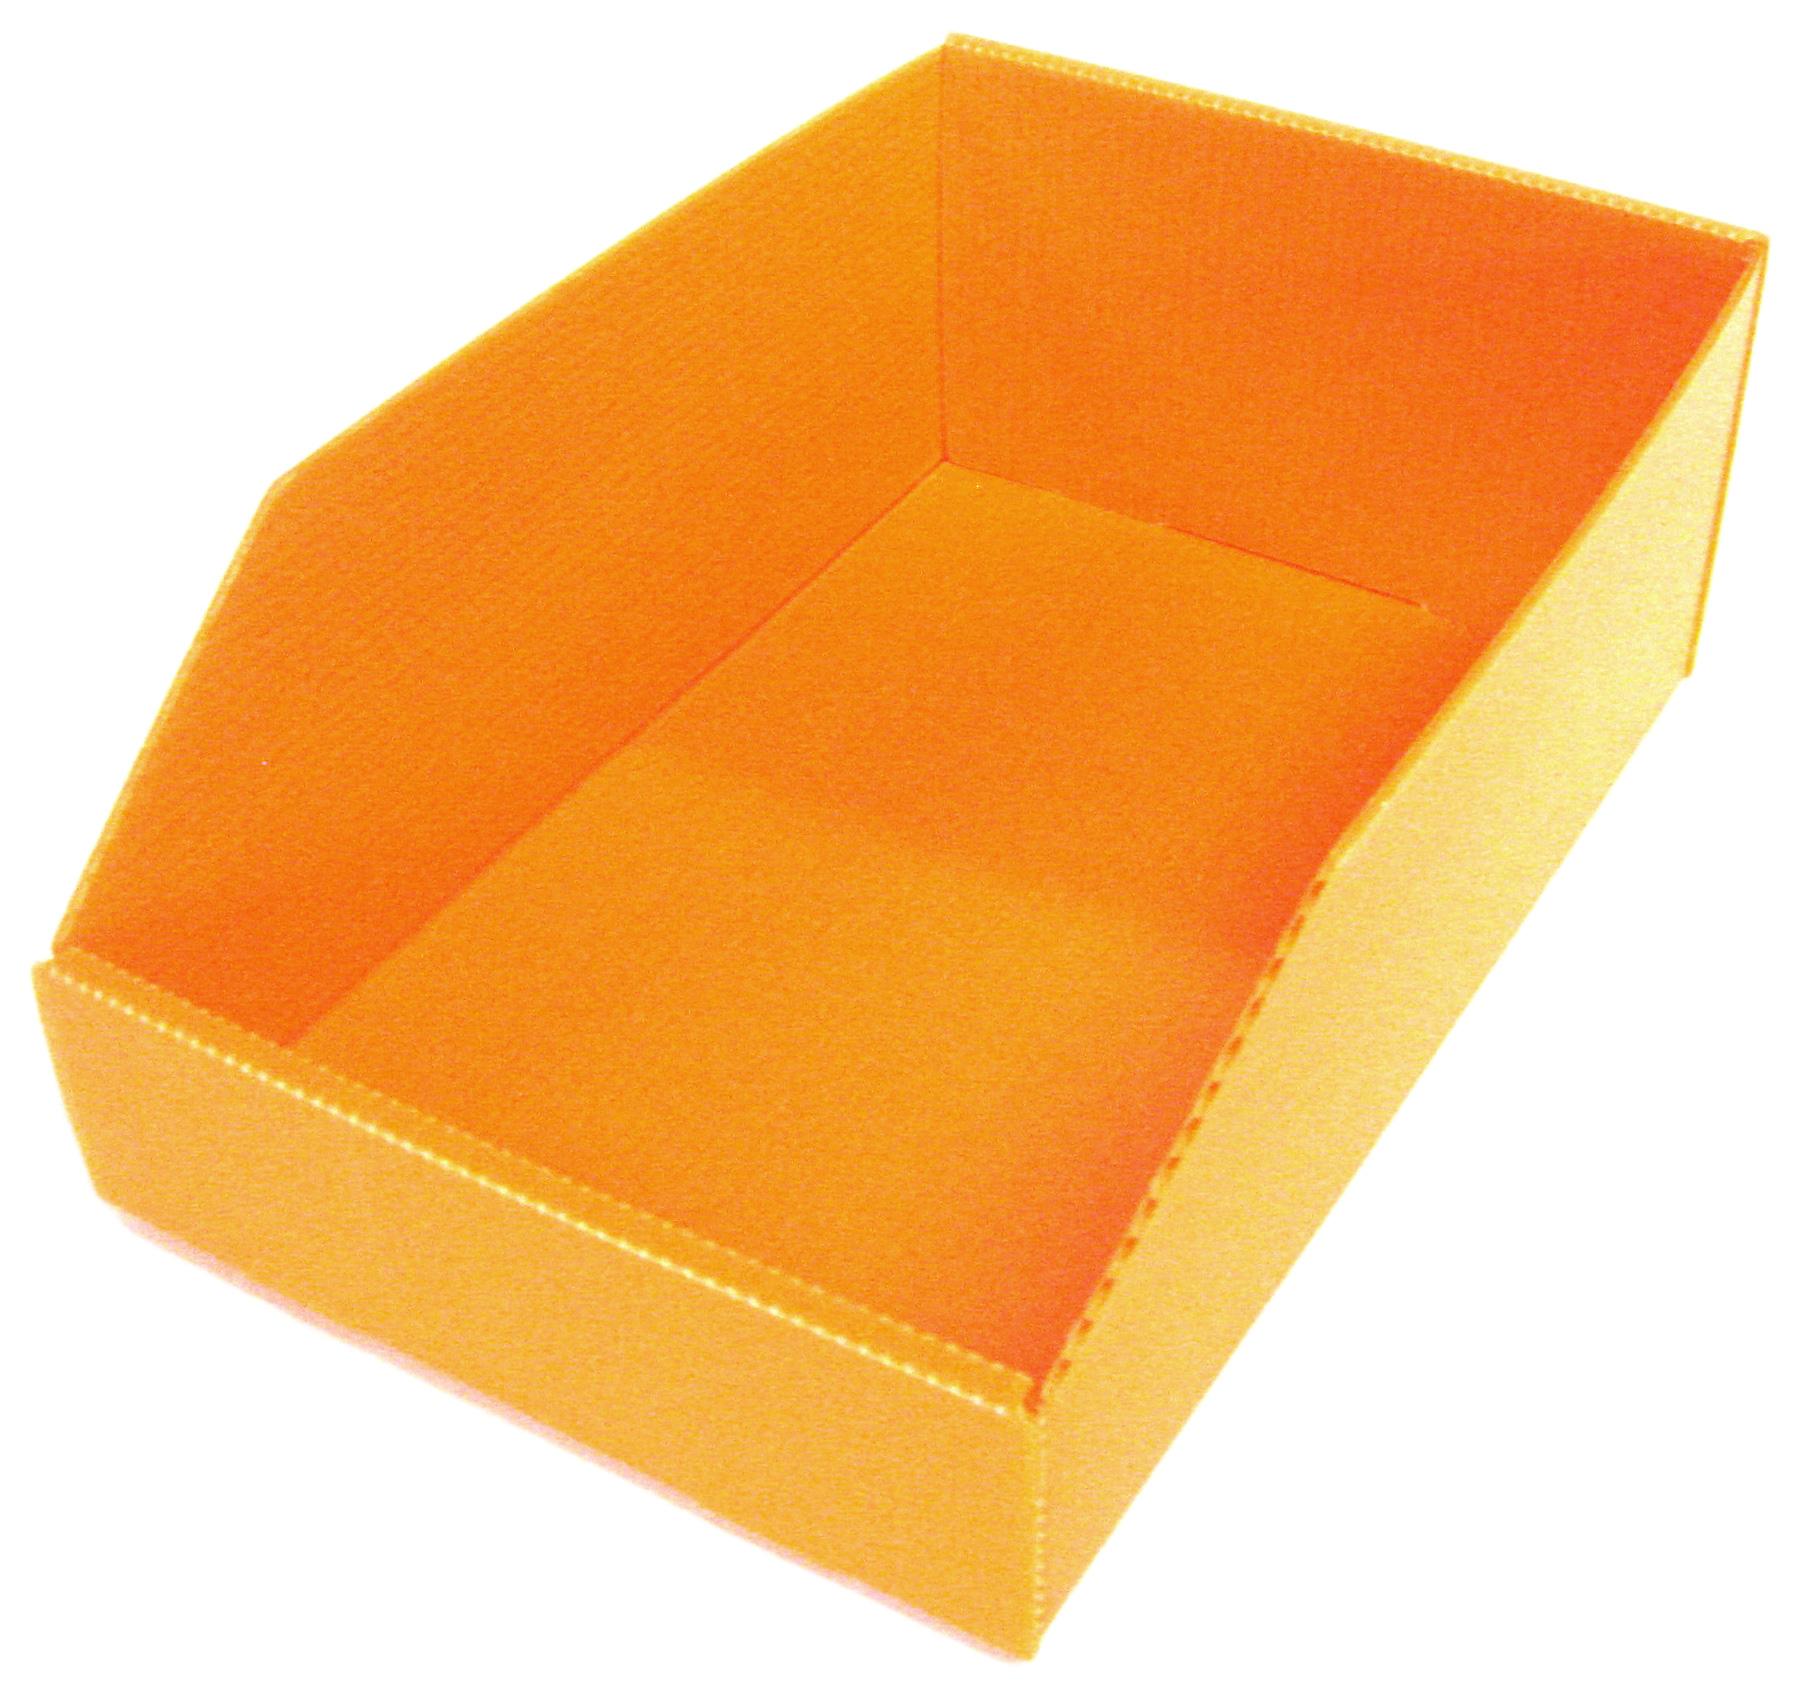 Bac en polypropylène alvéolaire 3.5 litres orange